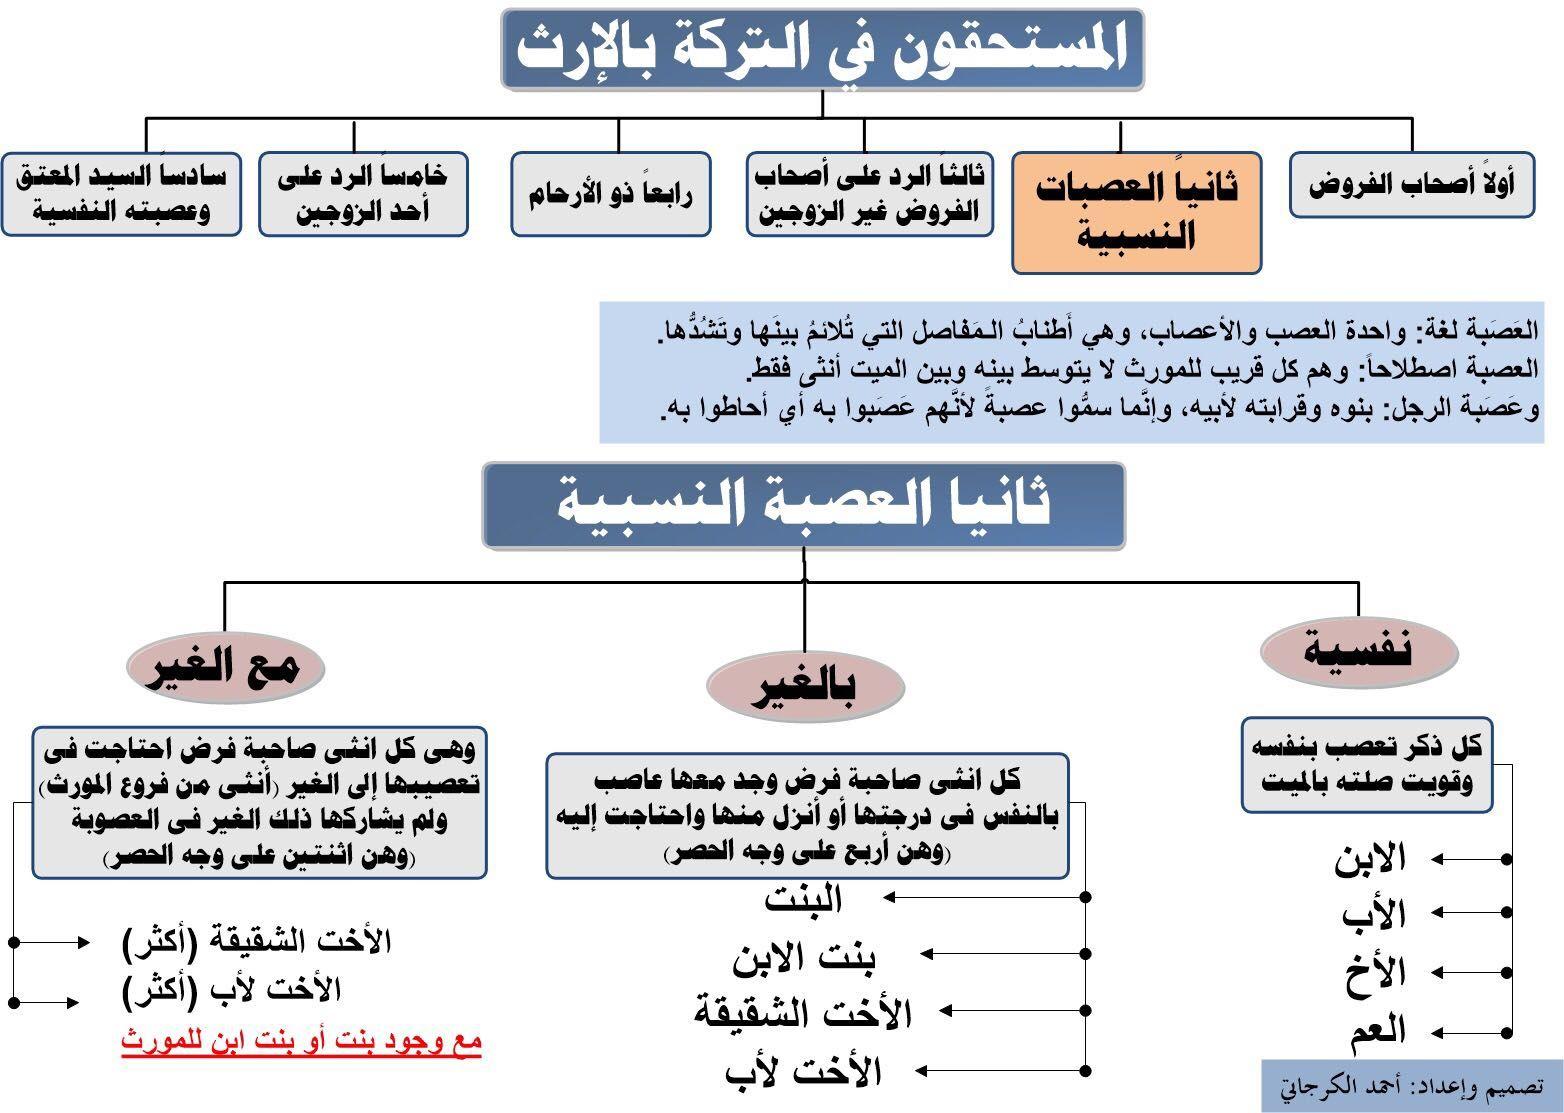 علم المواريث ٥ Arabic Books Quran Tafseer English Royal Family